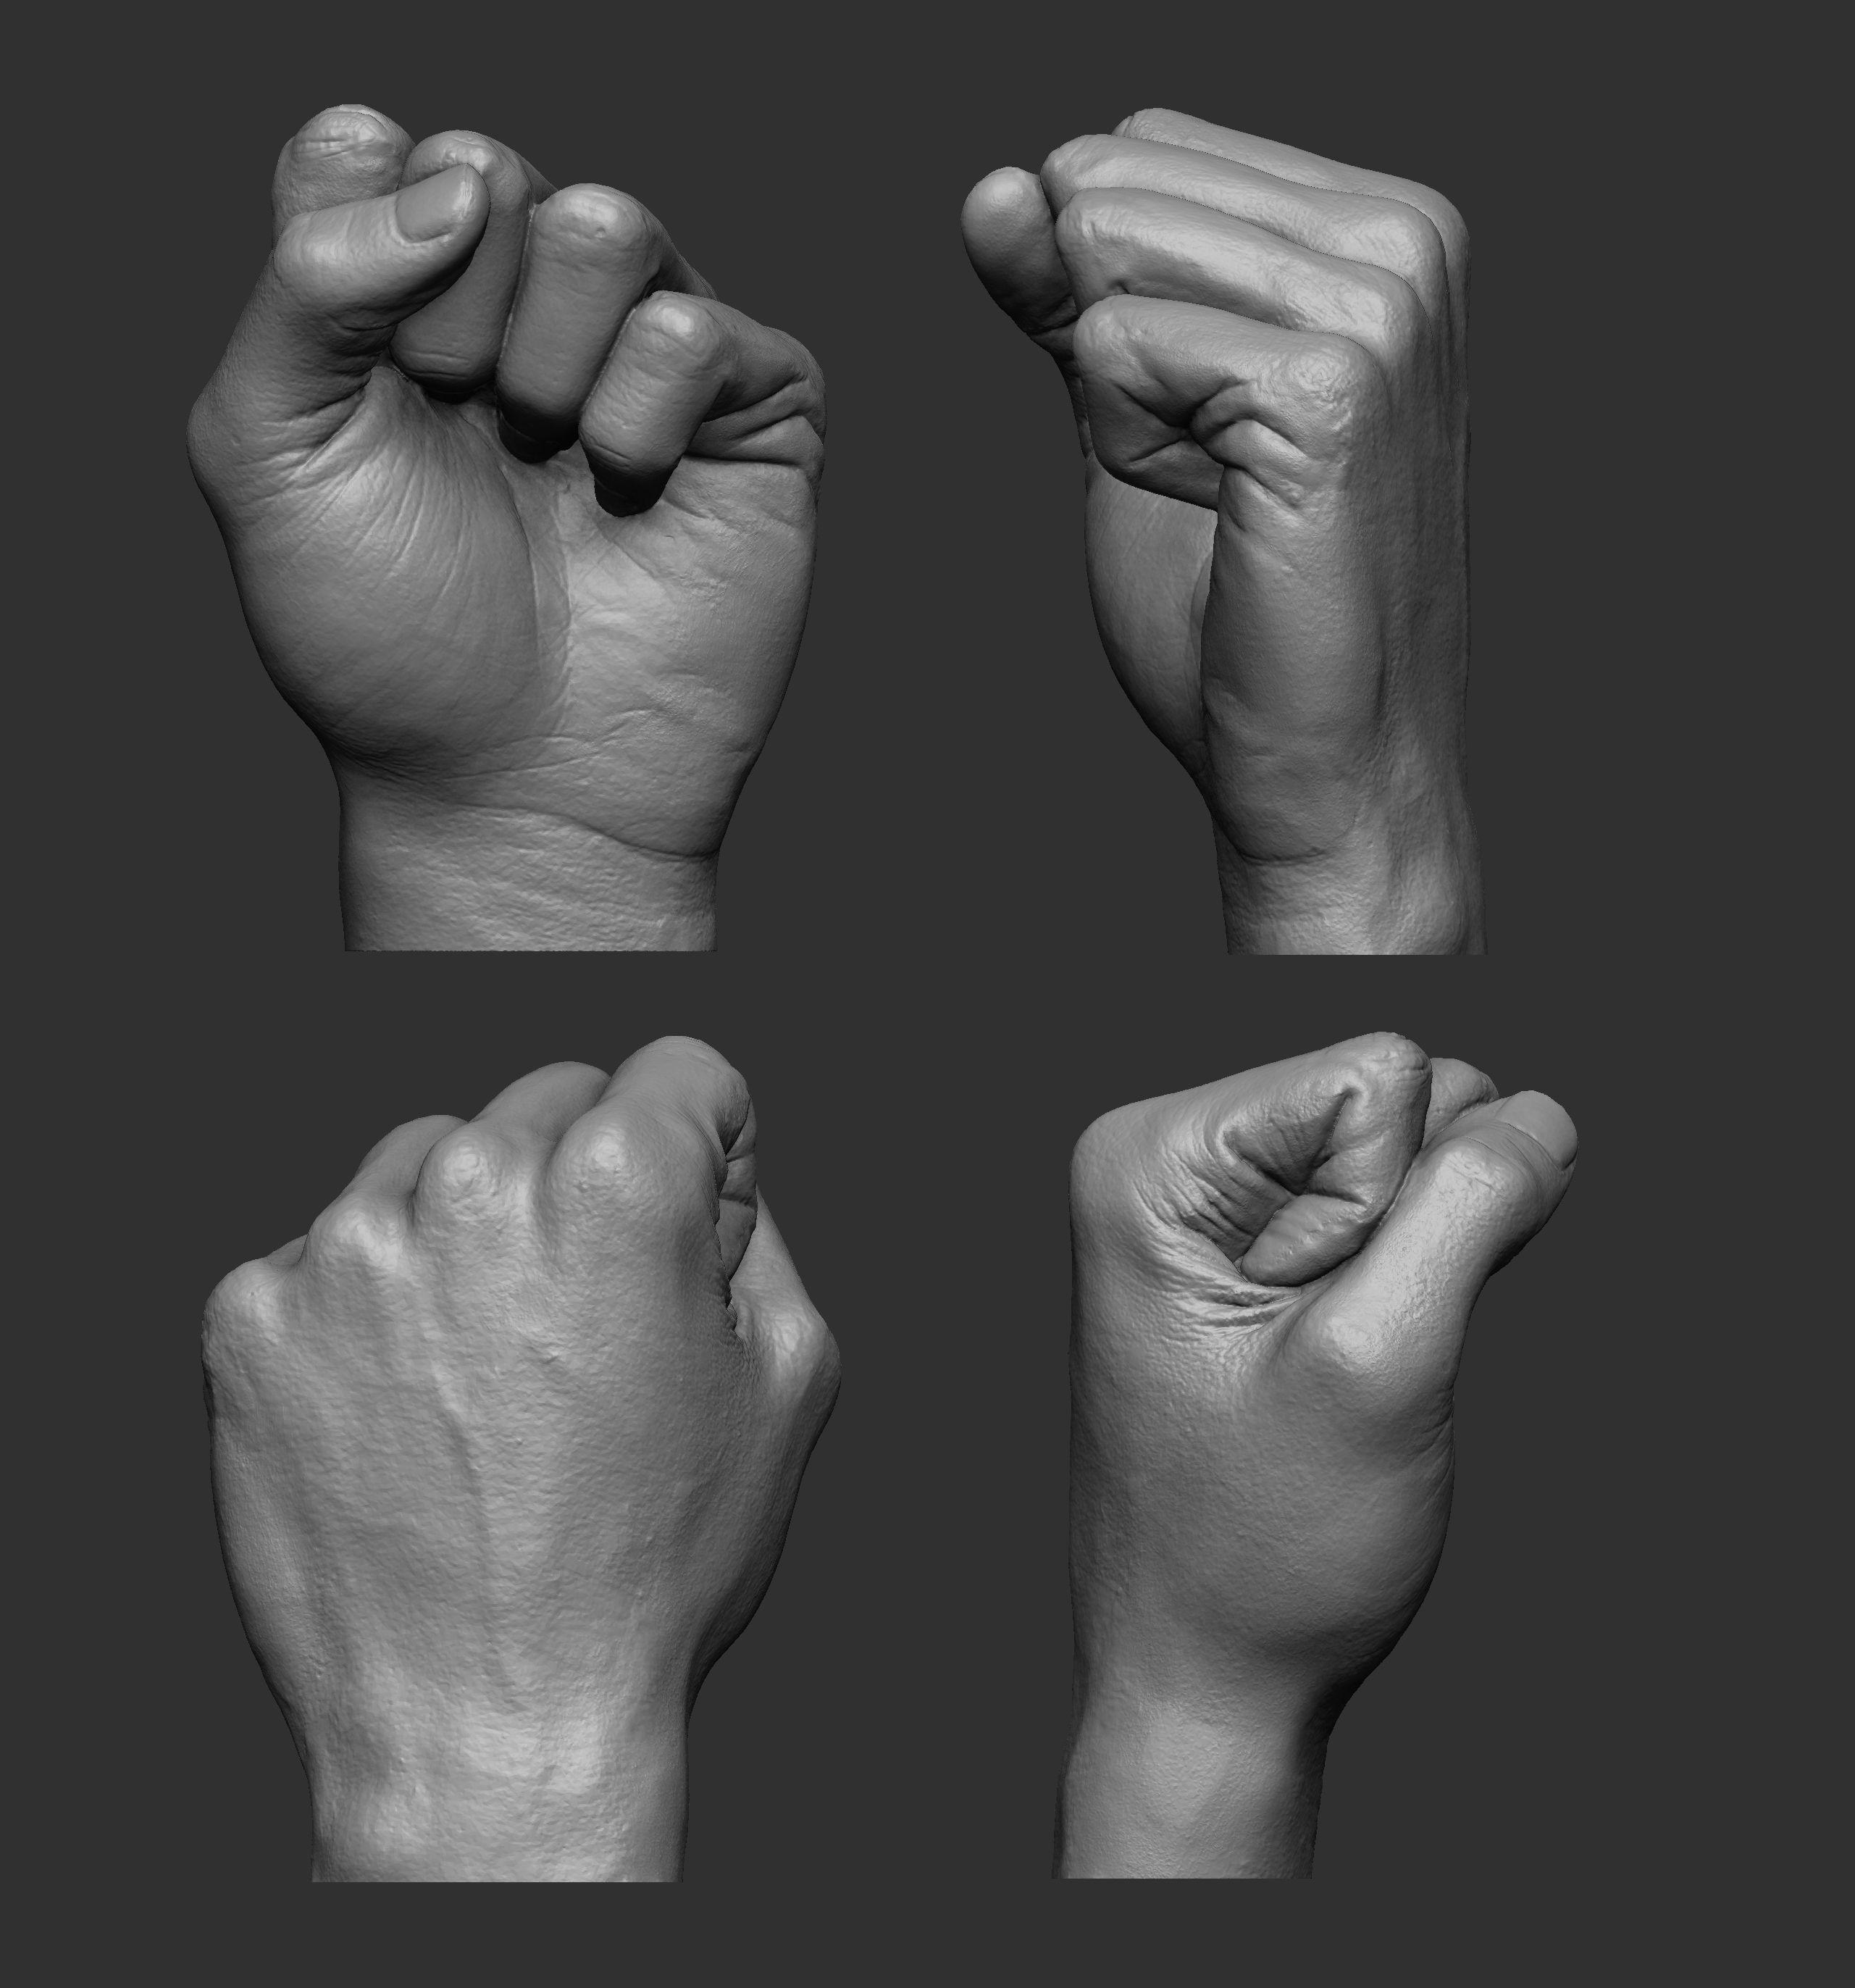 Free Fist